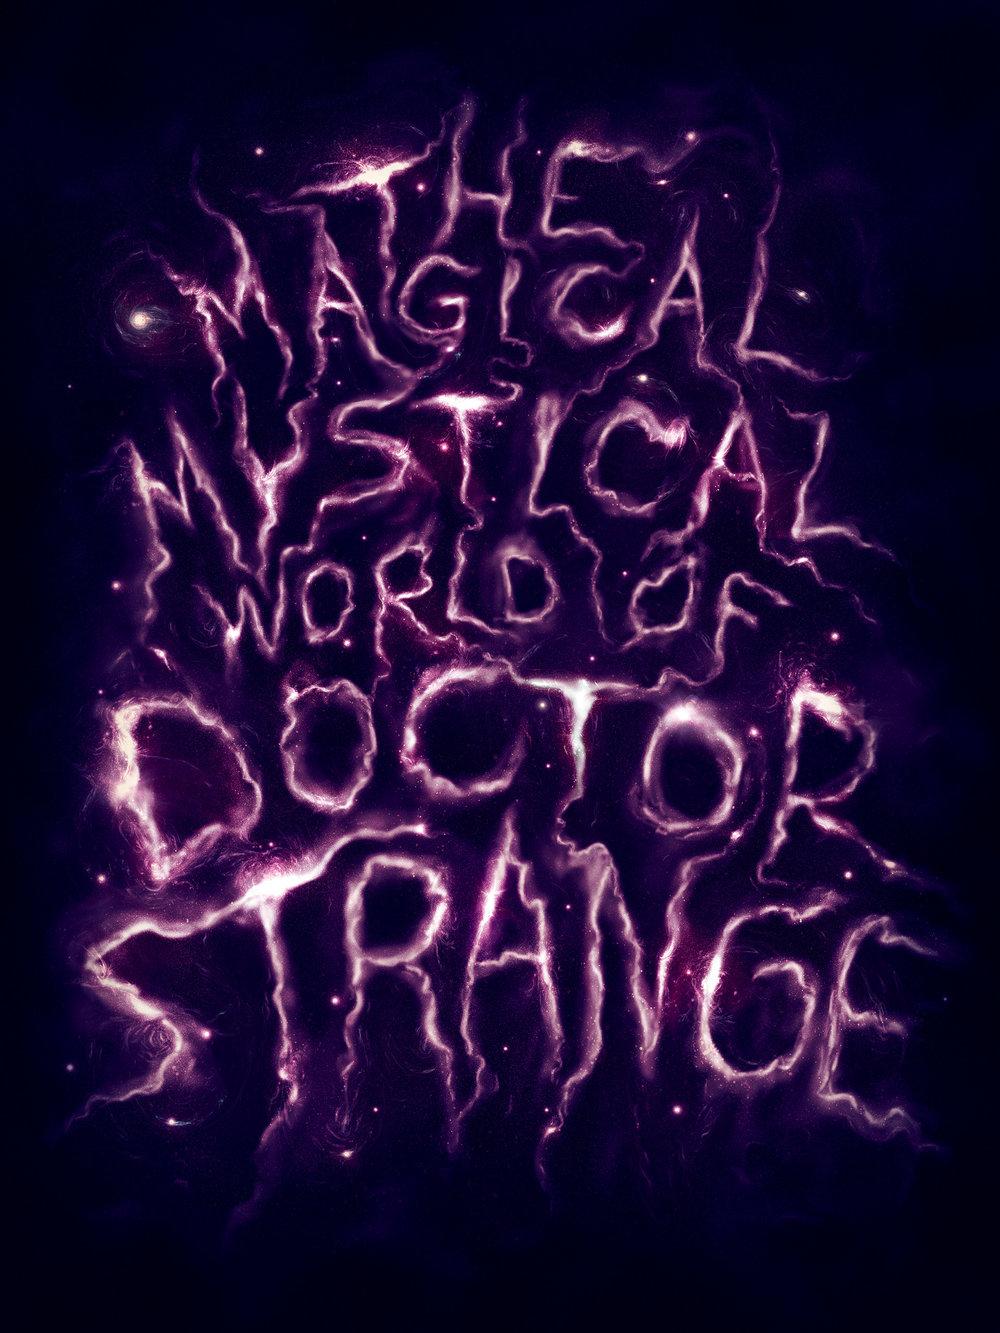 dr_strange2.jpg